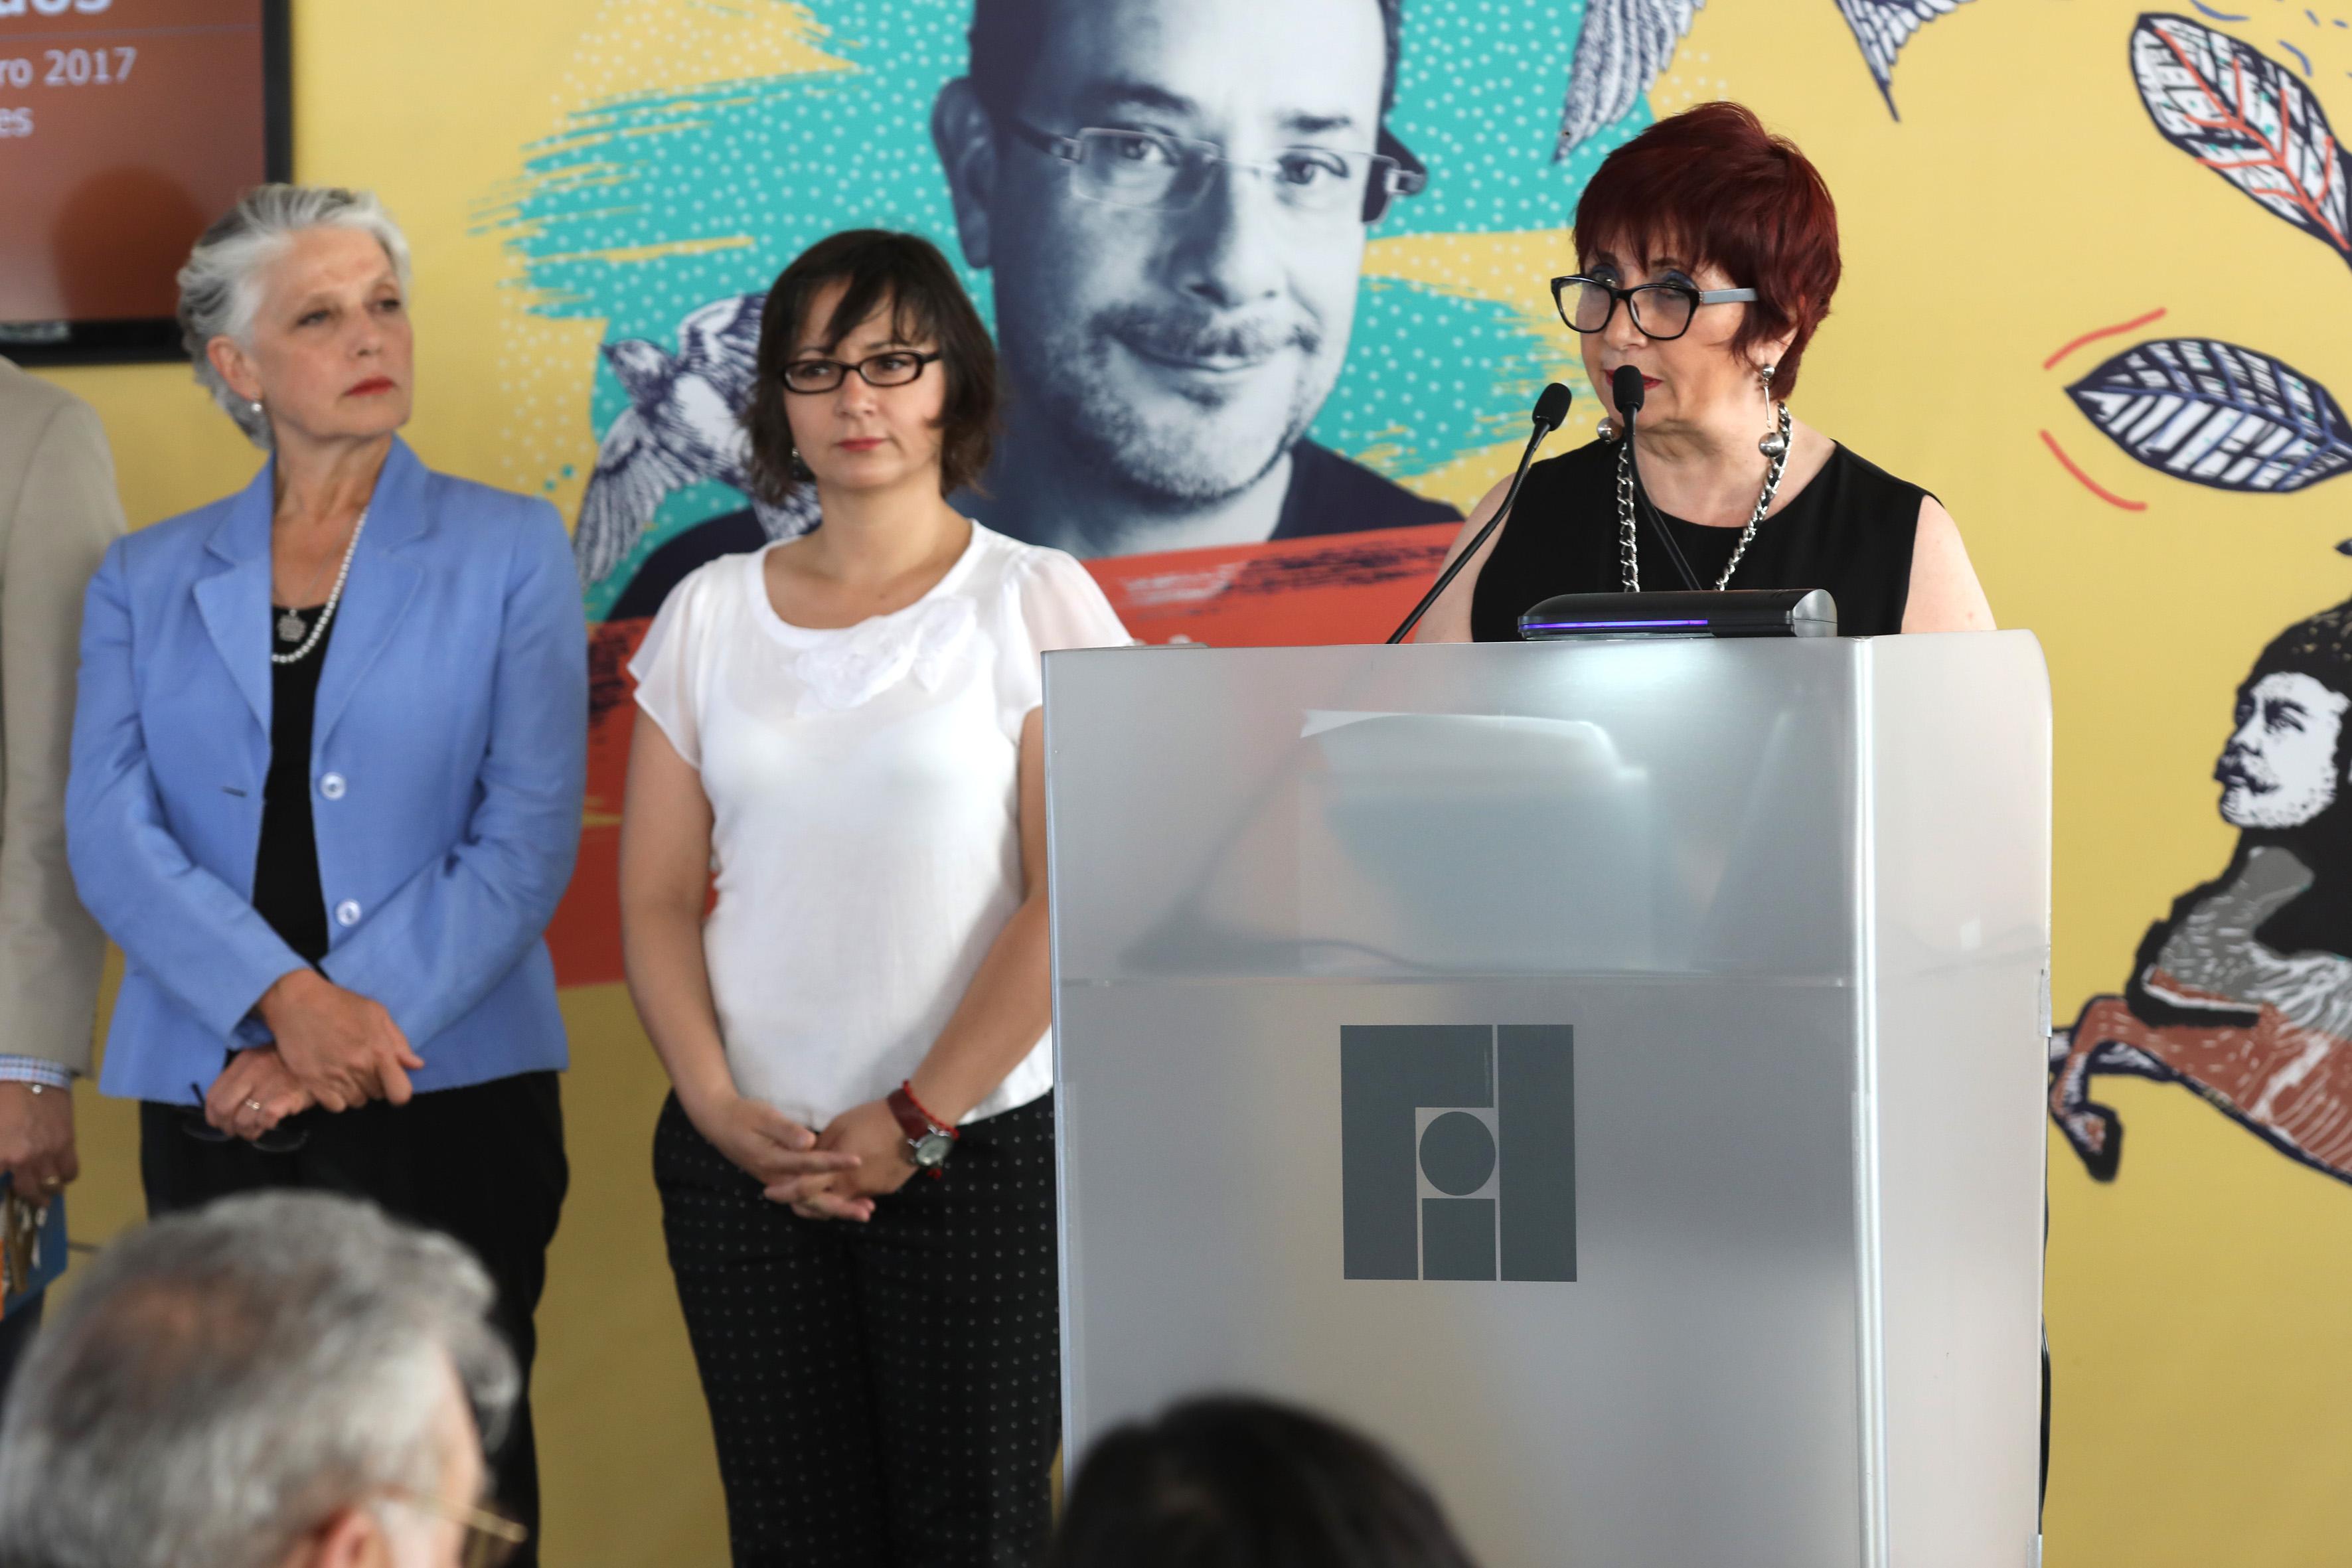 Directora general de la FIL, maestra Marisol Schulz Manaut, y editora de Padilla en el libro La gruta de Toscano, en podium instaladao en el evento, haciendo uso de la palabra.